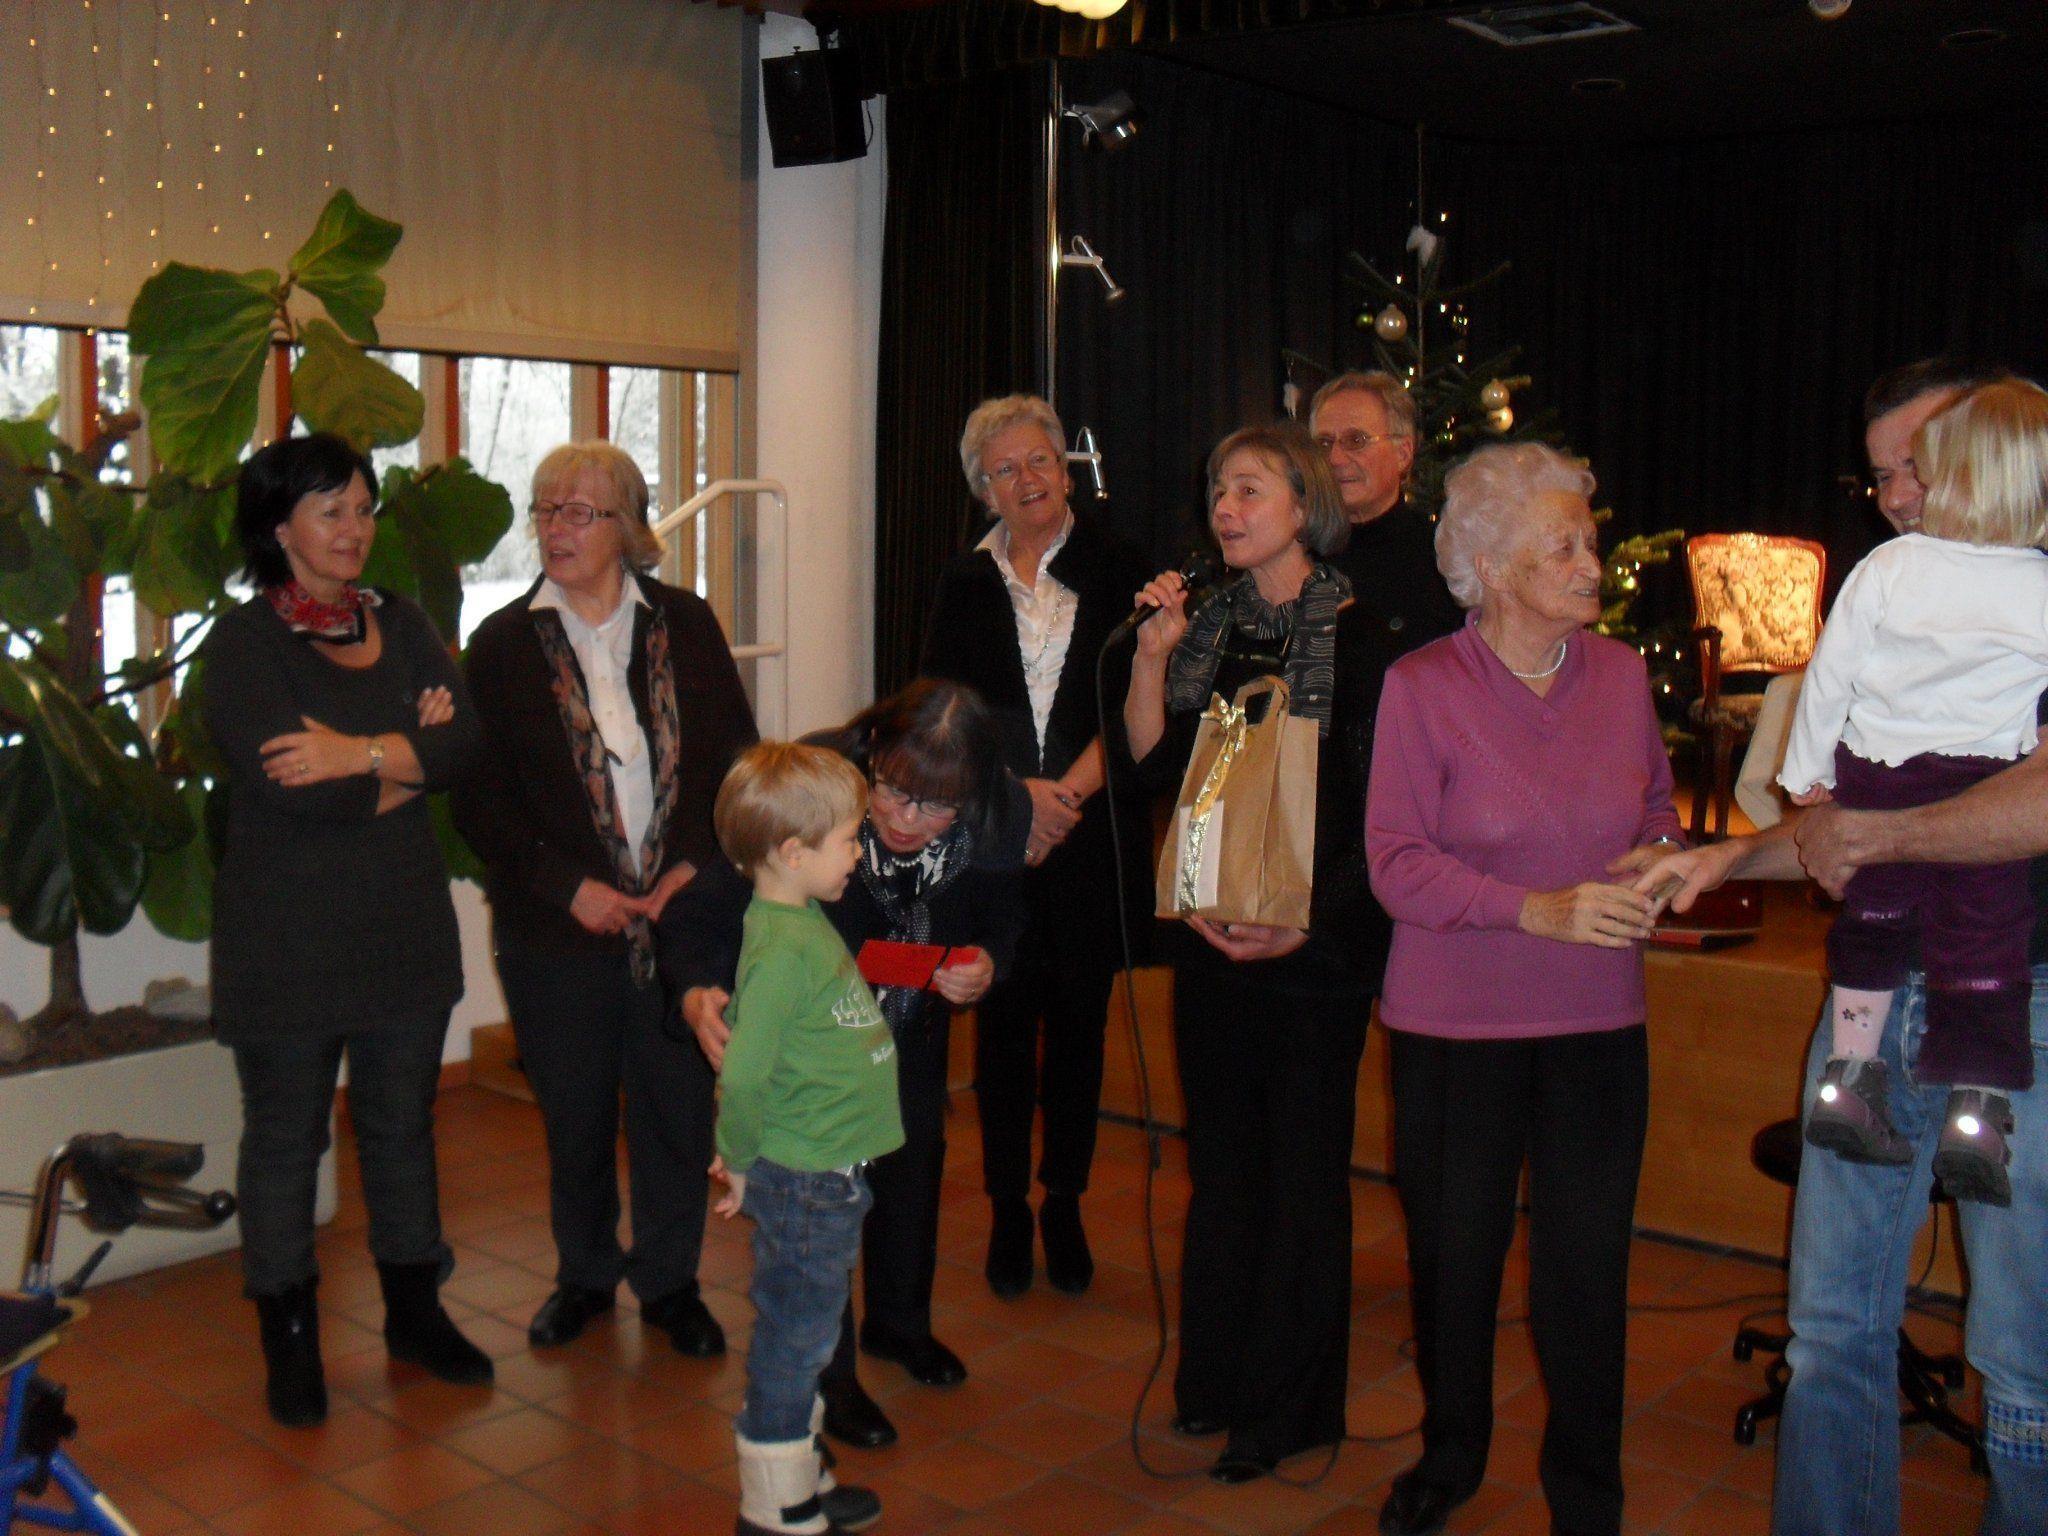 Spendenübergabe mit GUTA Damen und Organisatorin Anneliese Rümmele an Lukas und Familie